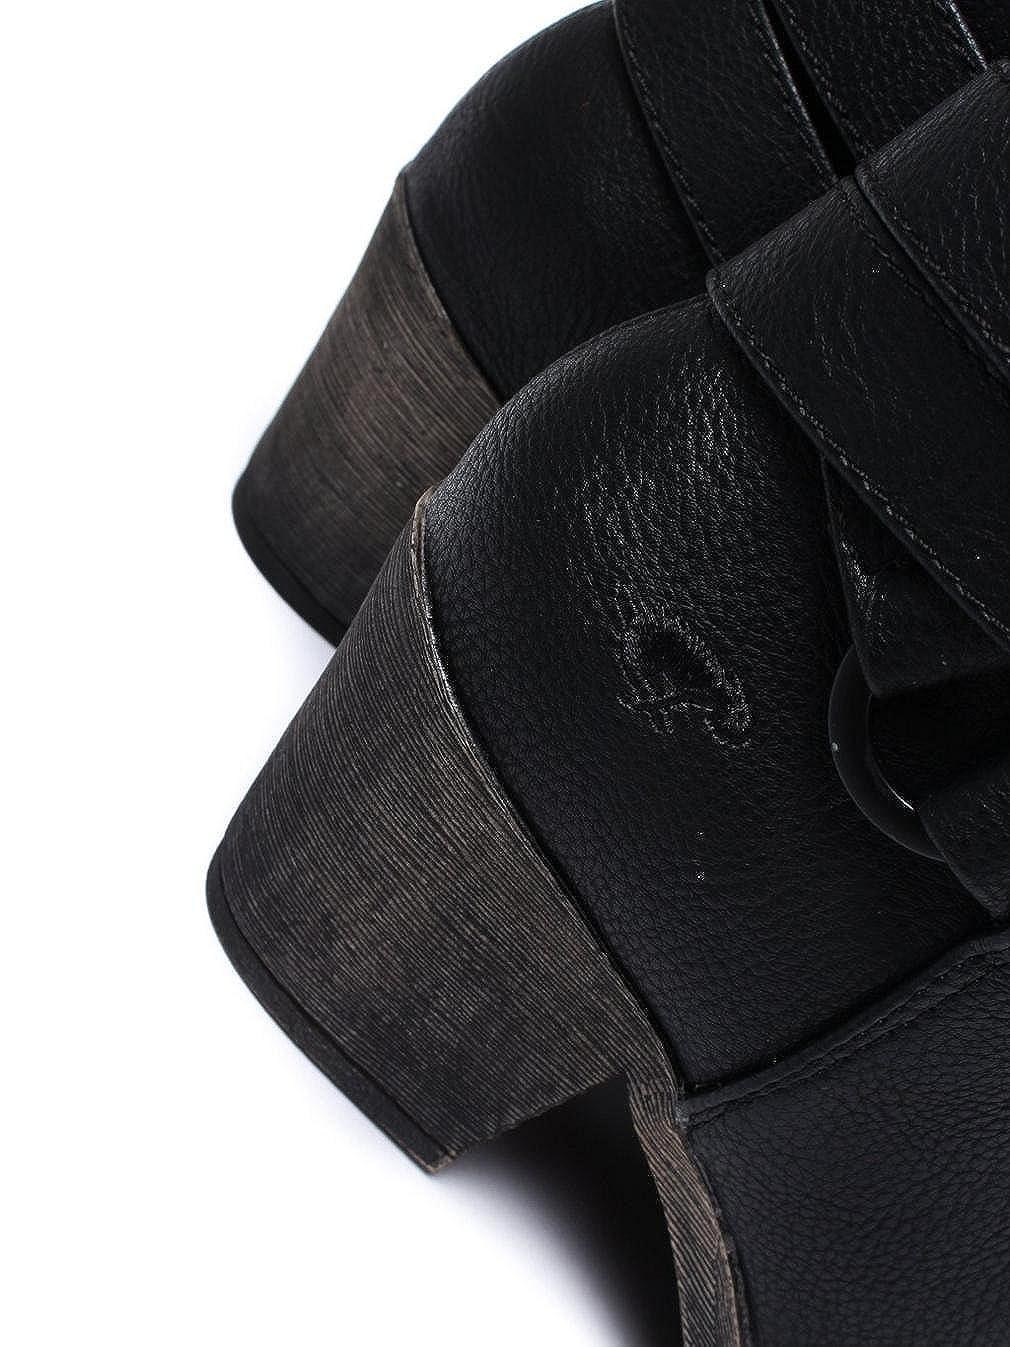 Rocket Dog Salvador Womens Boots Black